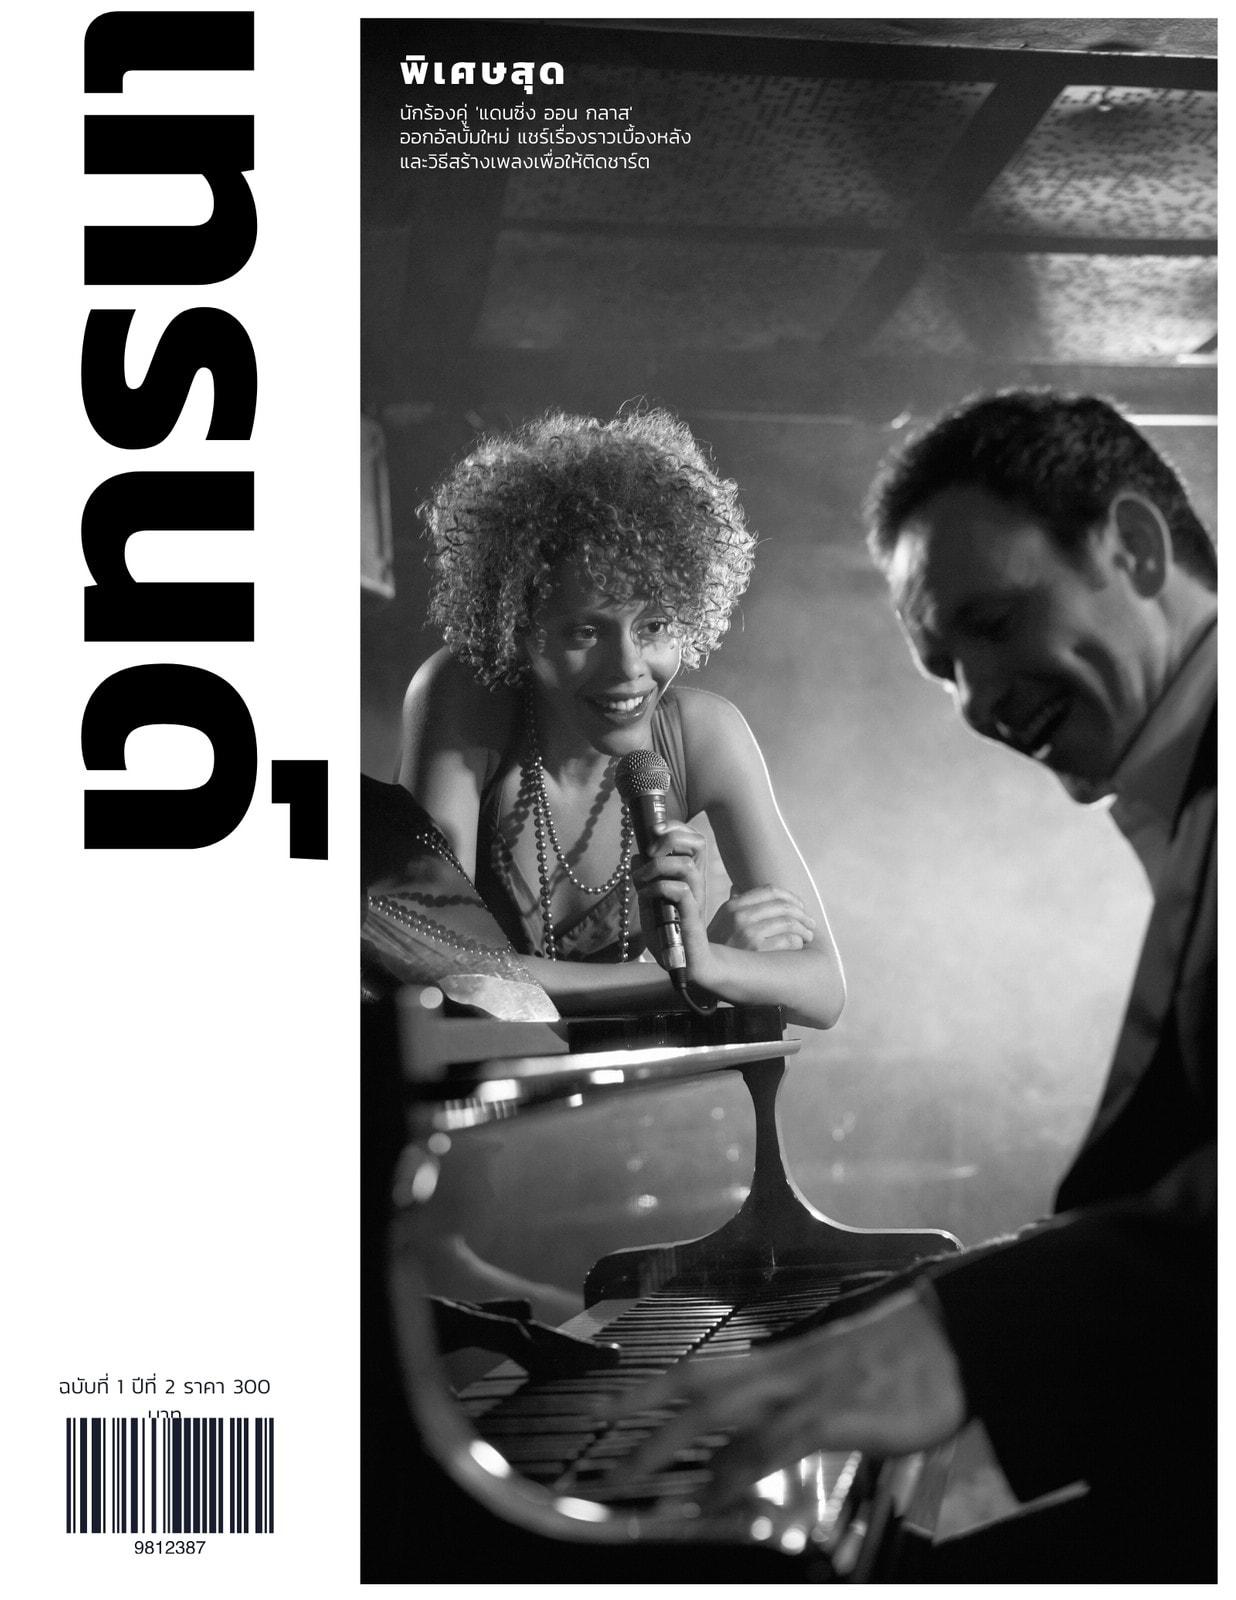 หน้าปกนิตยสาร ซุบซิบ มินิมอลิสต์